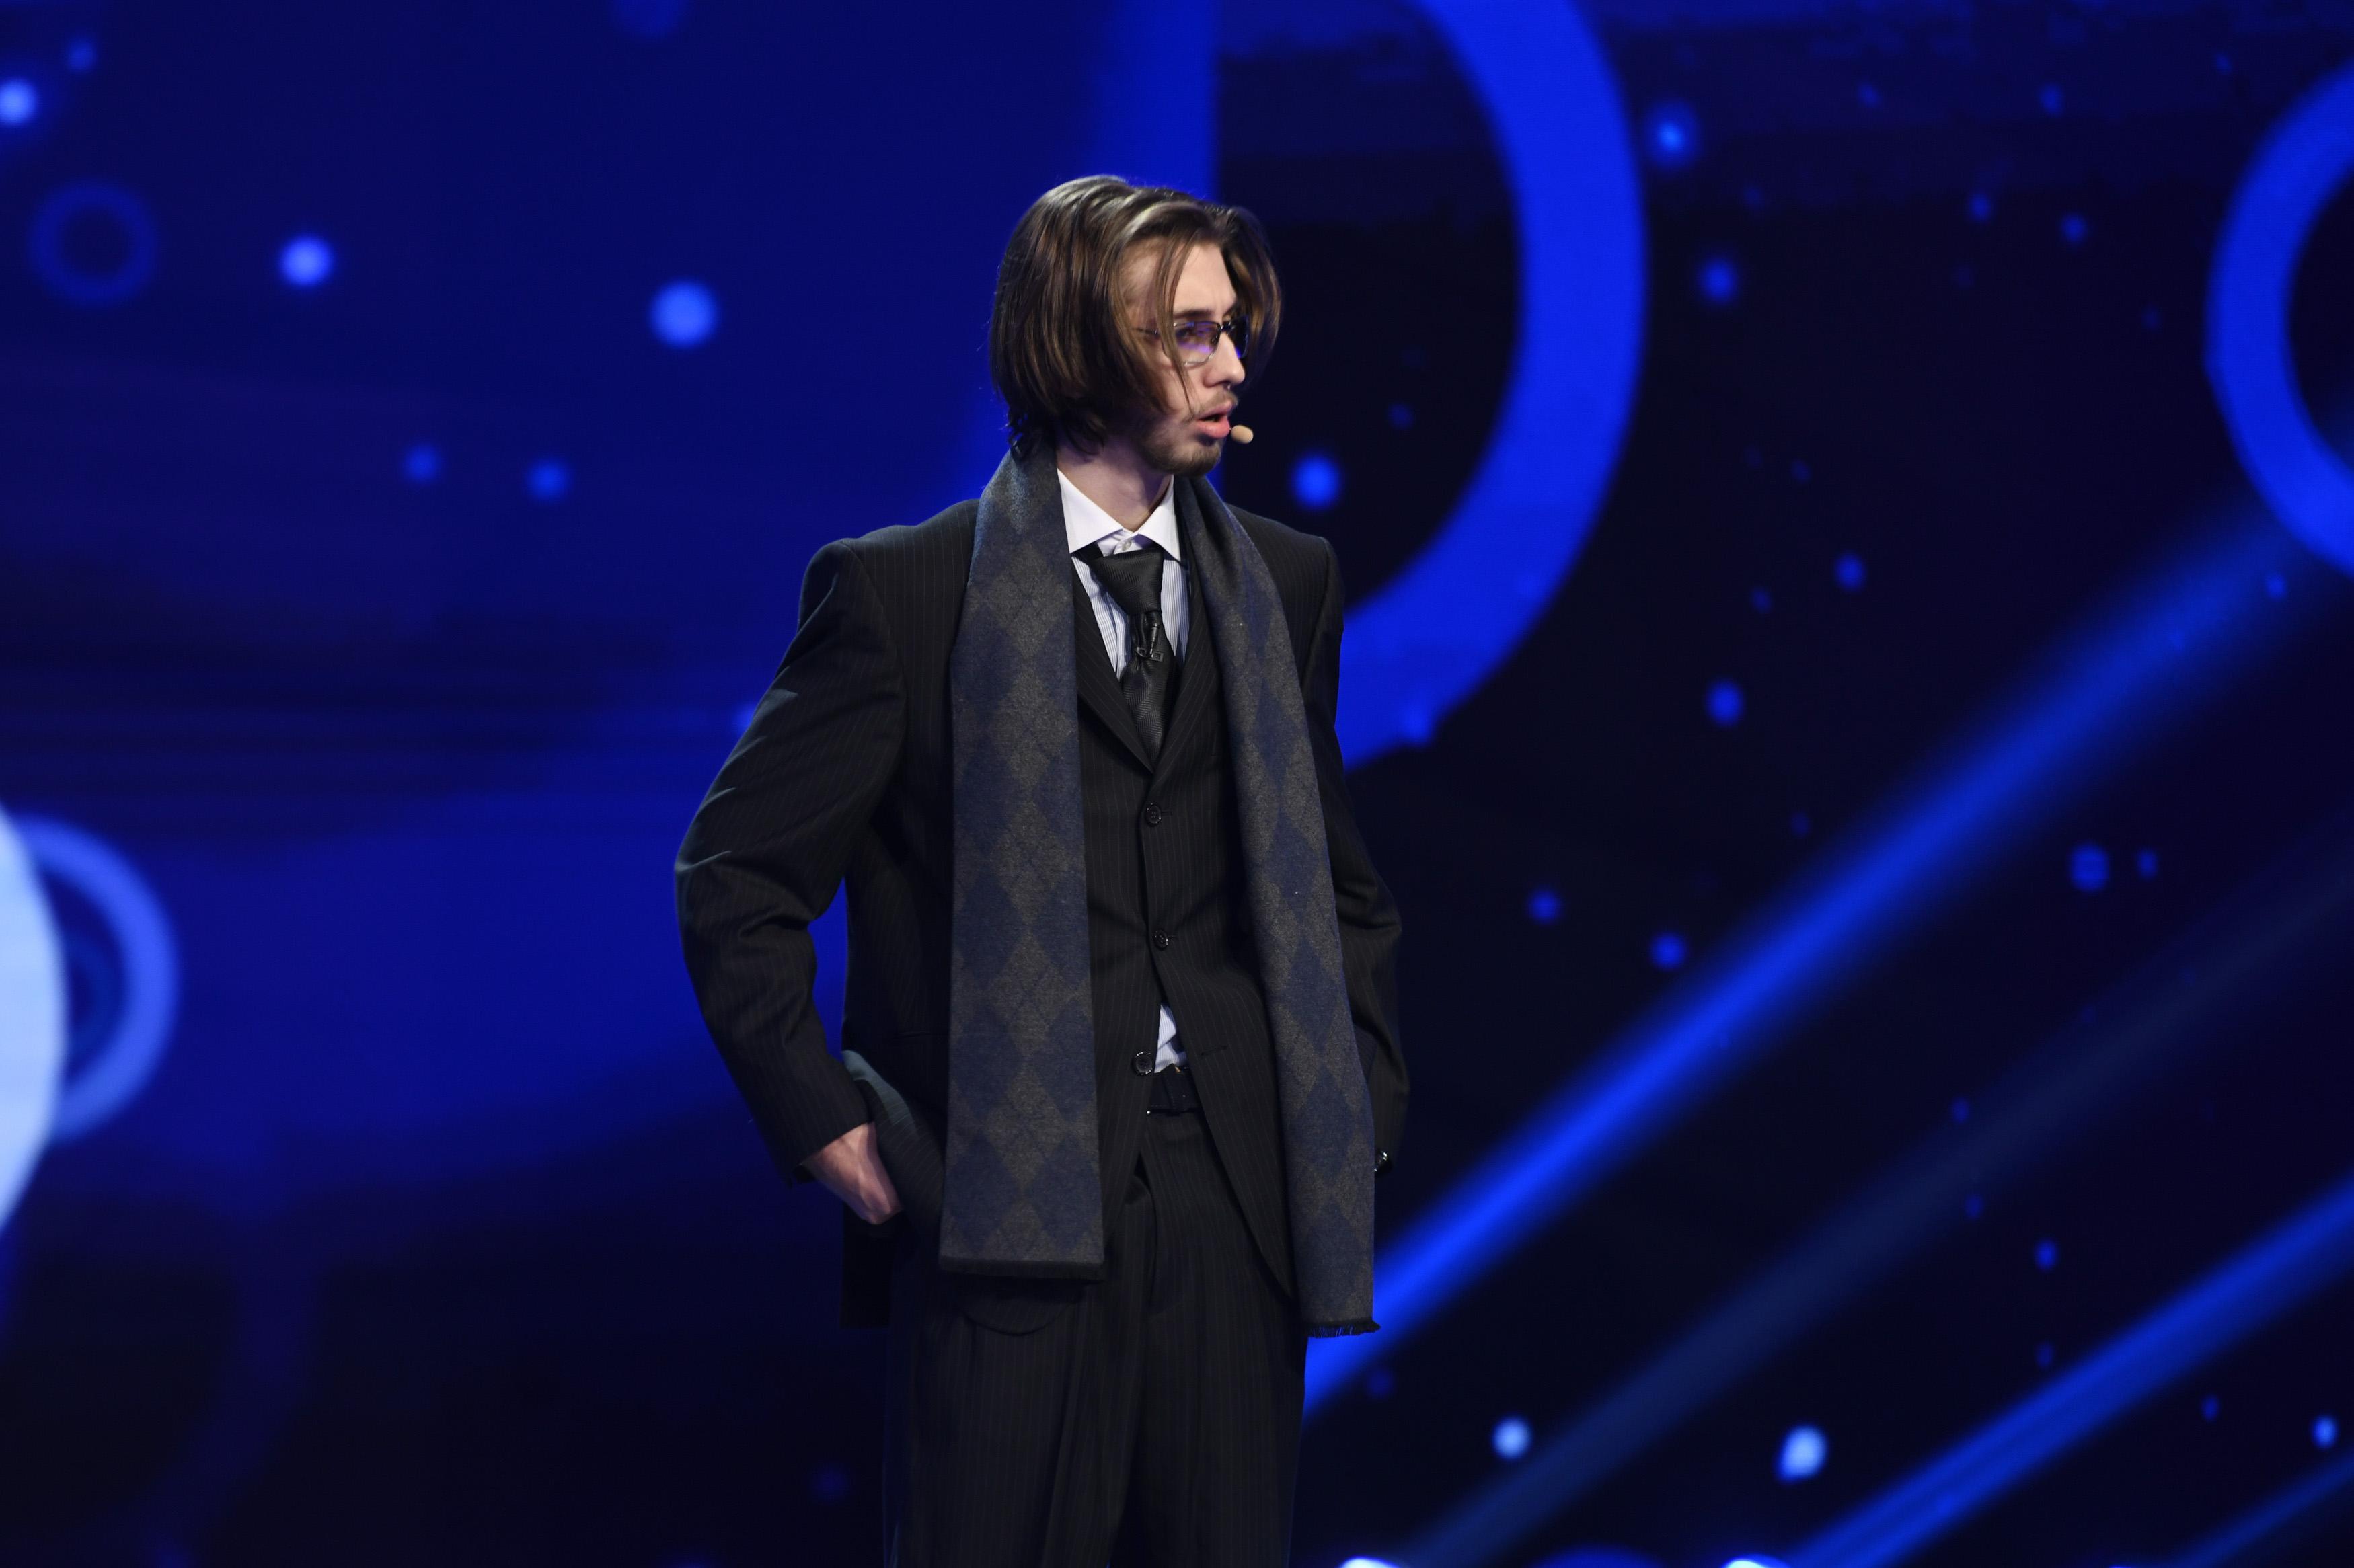 iUmor, 10 martie 2021. Luca Nicola l-a imitat perfect pe Vadim Tudor. Reacția pe care a avut-o Mihai Bendeac a atras toată atenția